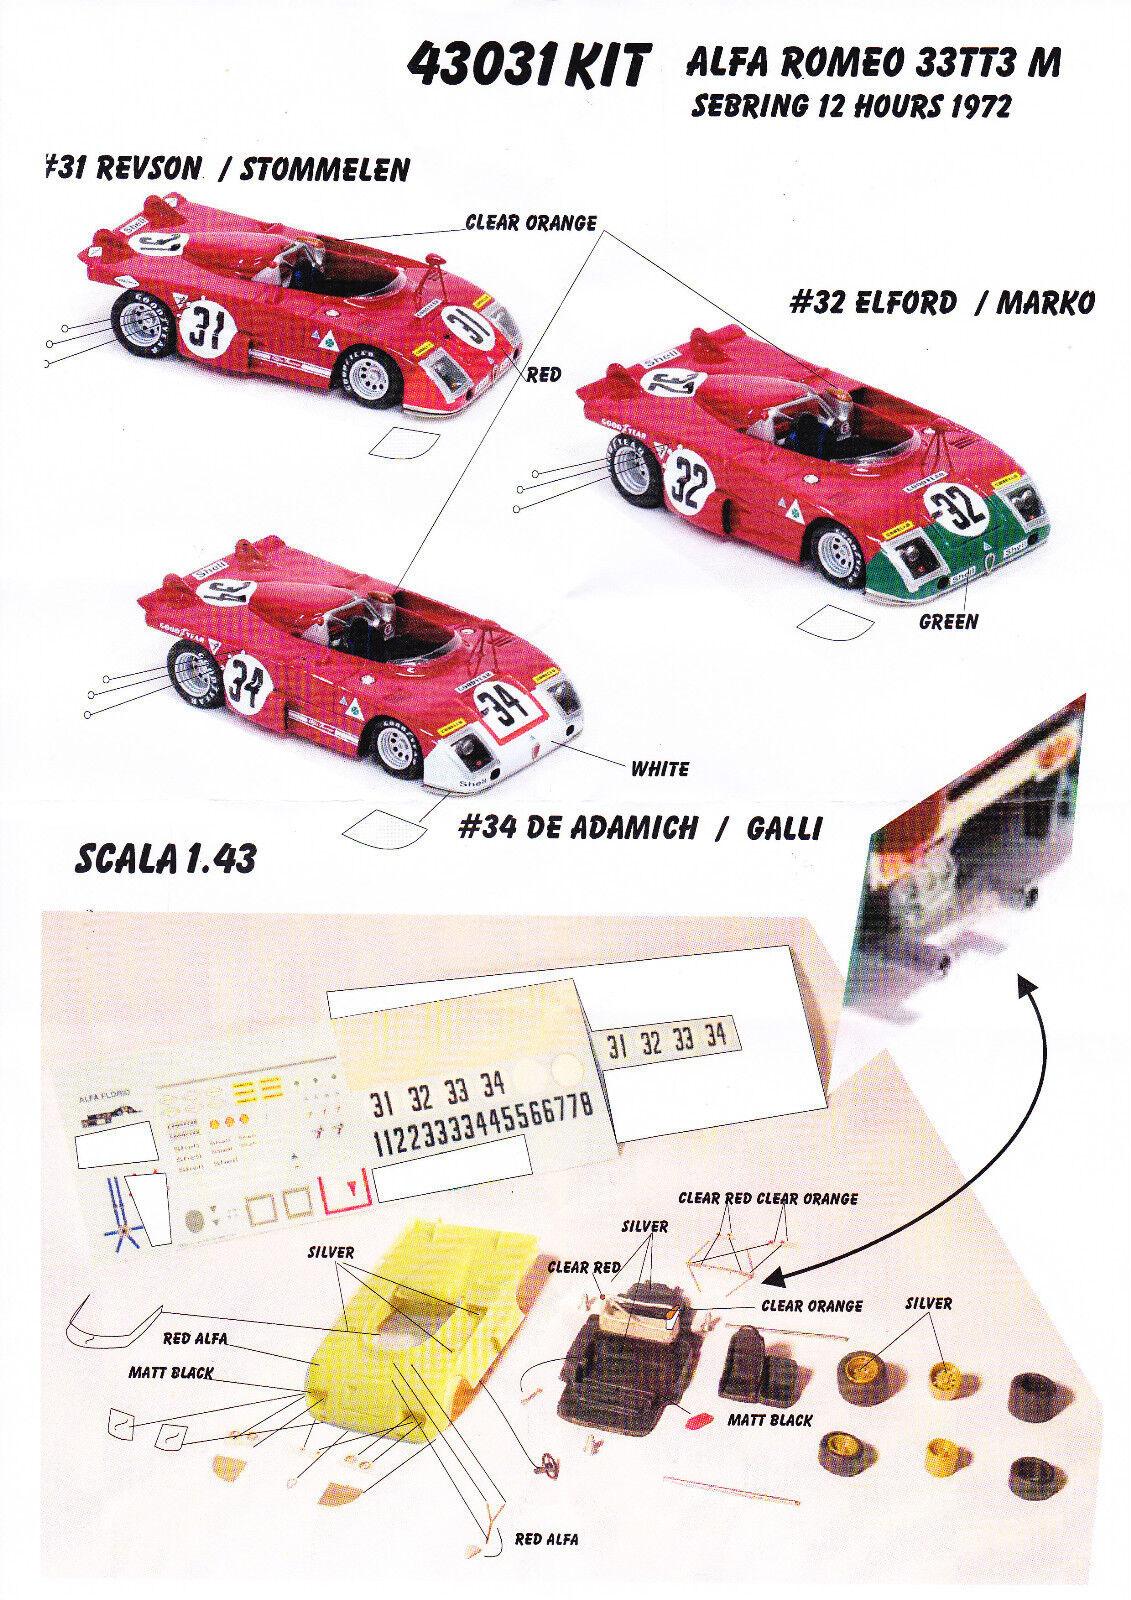 kit Alfa Romeo 33 TT3 M Sebring 2018 (3 versioni) - Modelling Plus kit 1/43